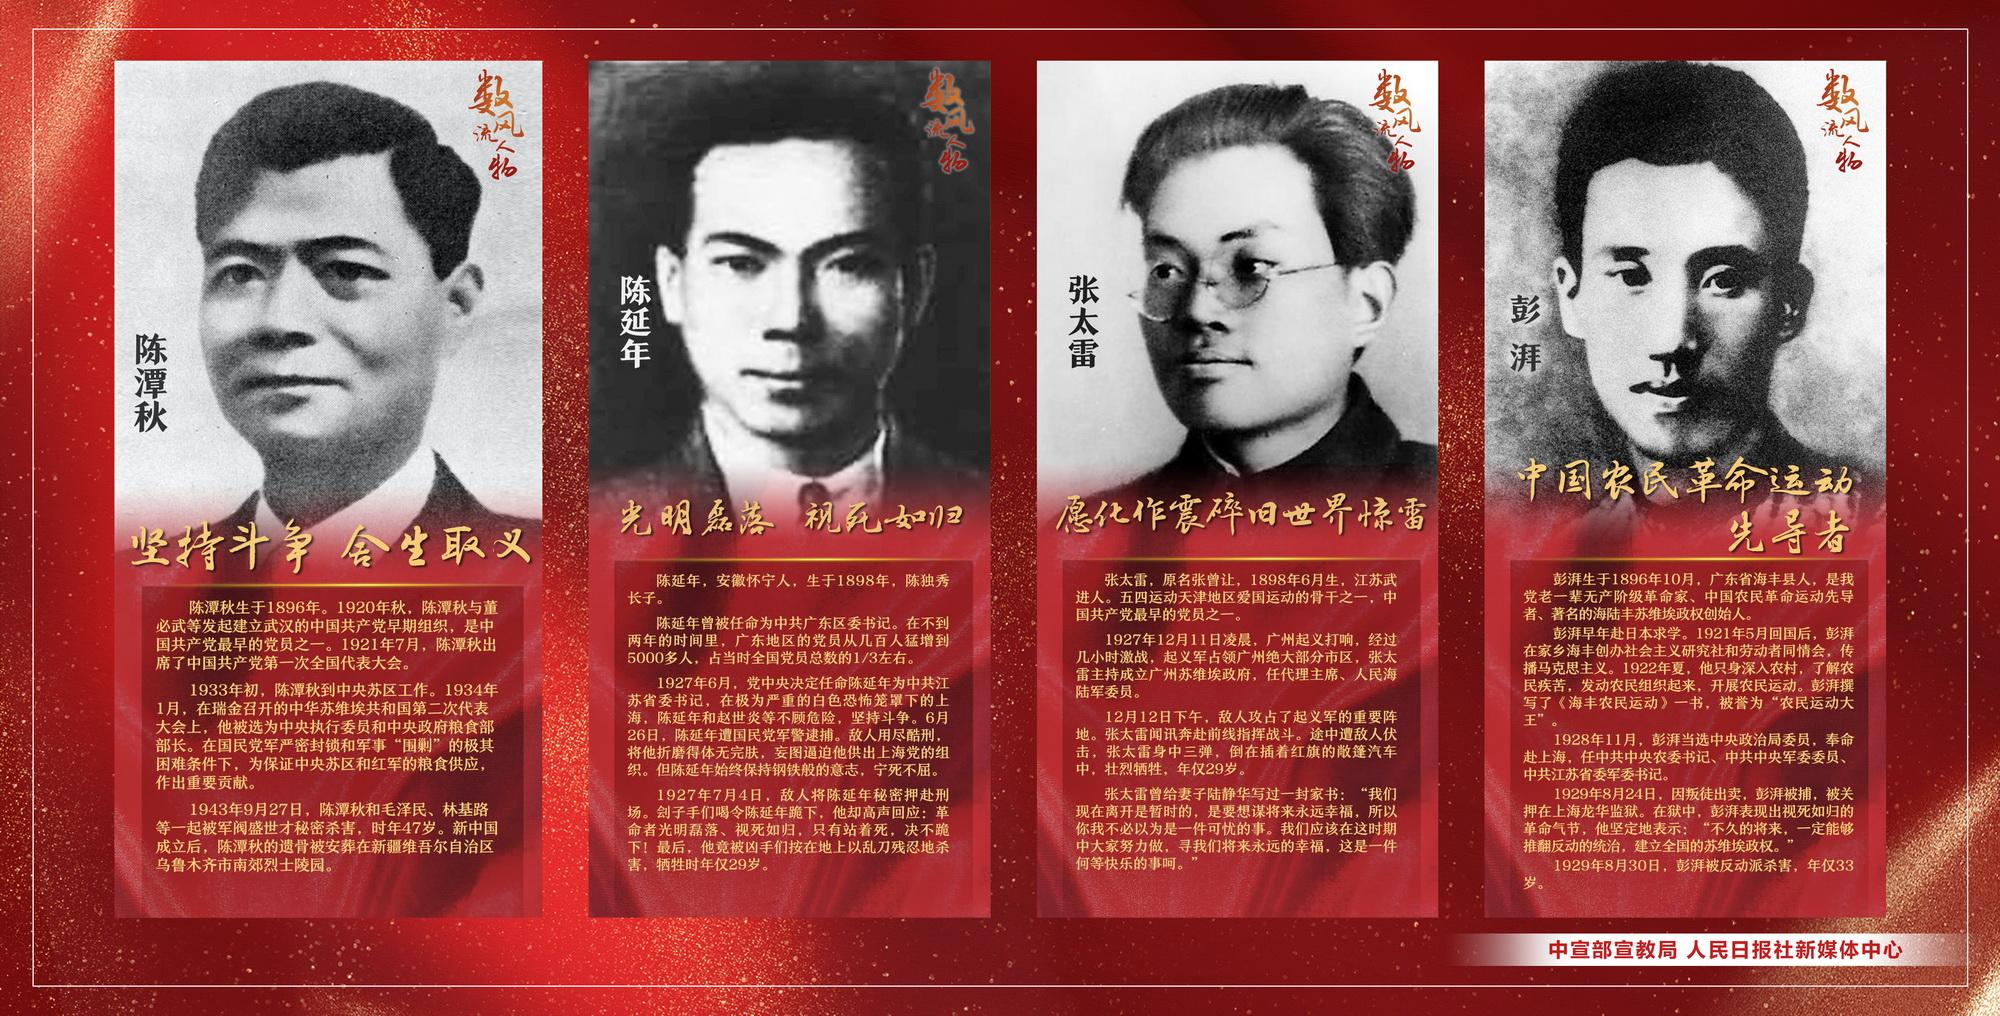 宣传海报5-8_调整大小.jpg